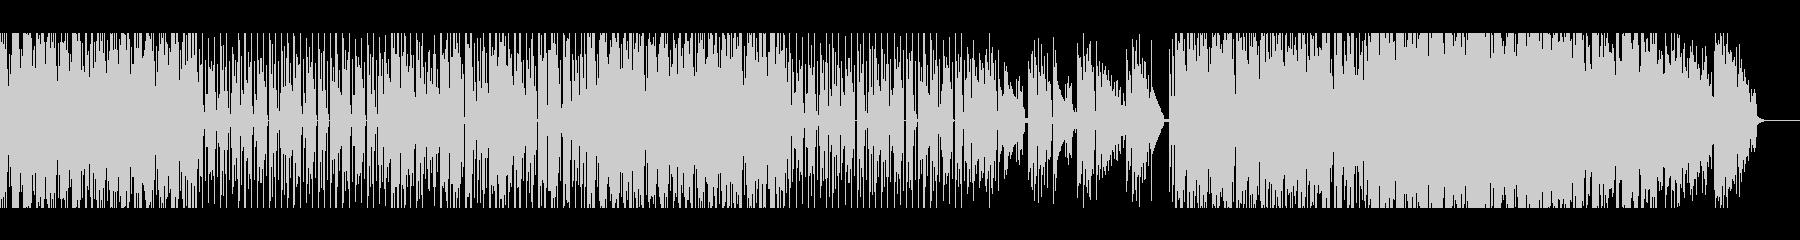 【メロディー無し】スペーシーファンクの未再生の波形